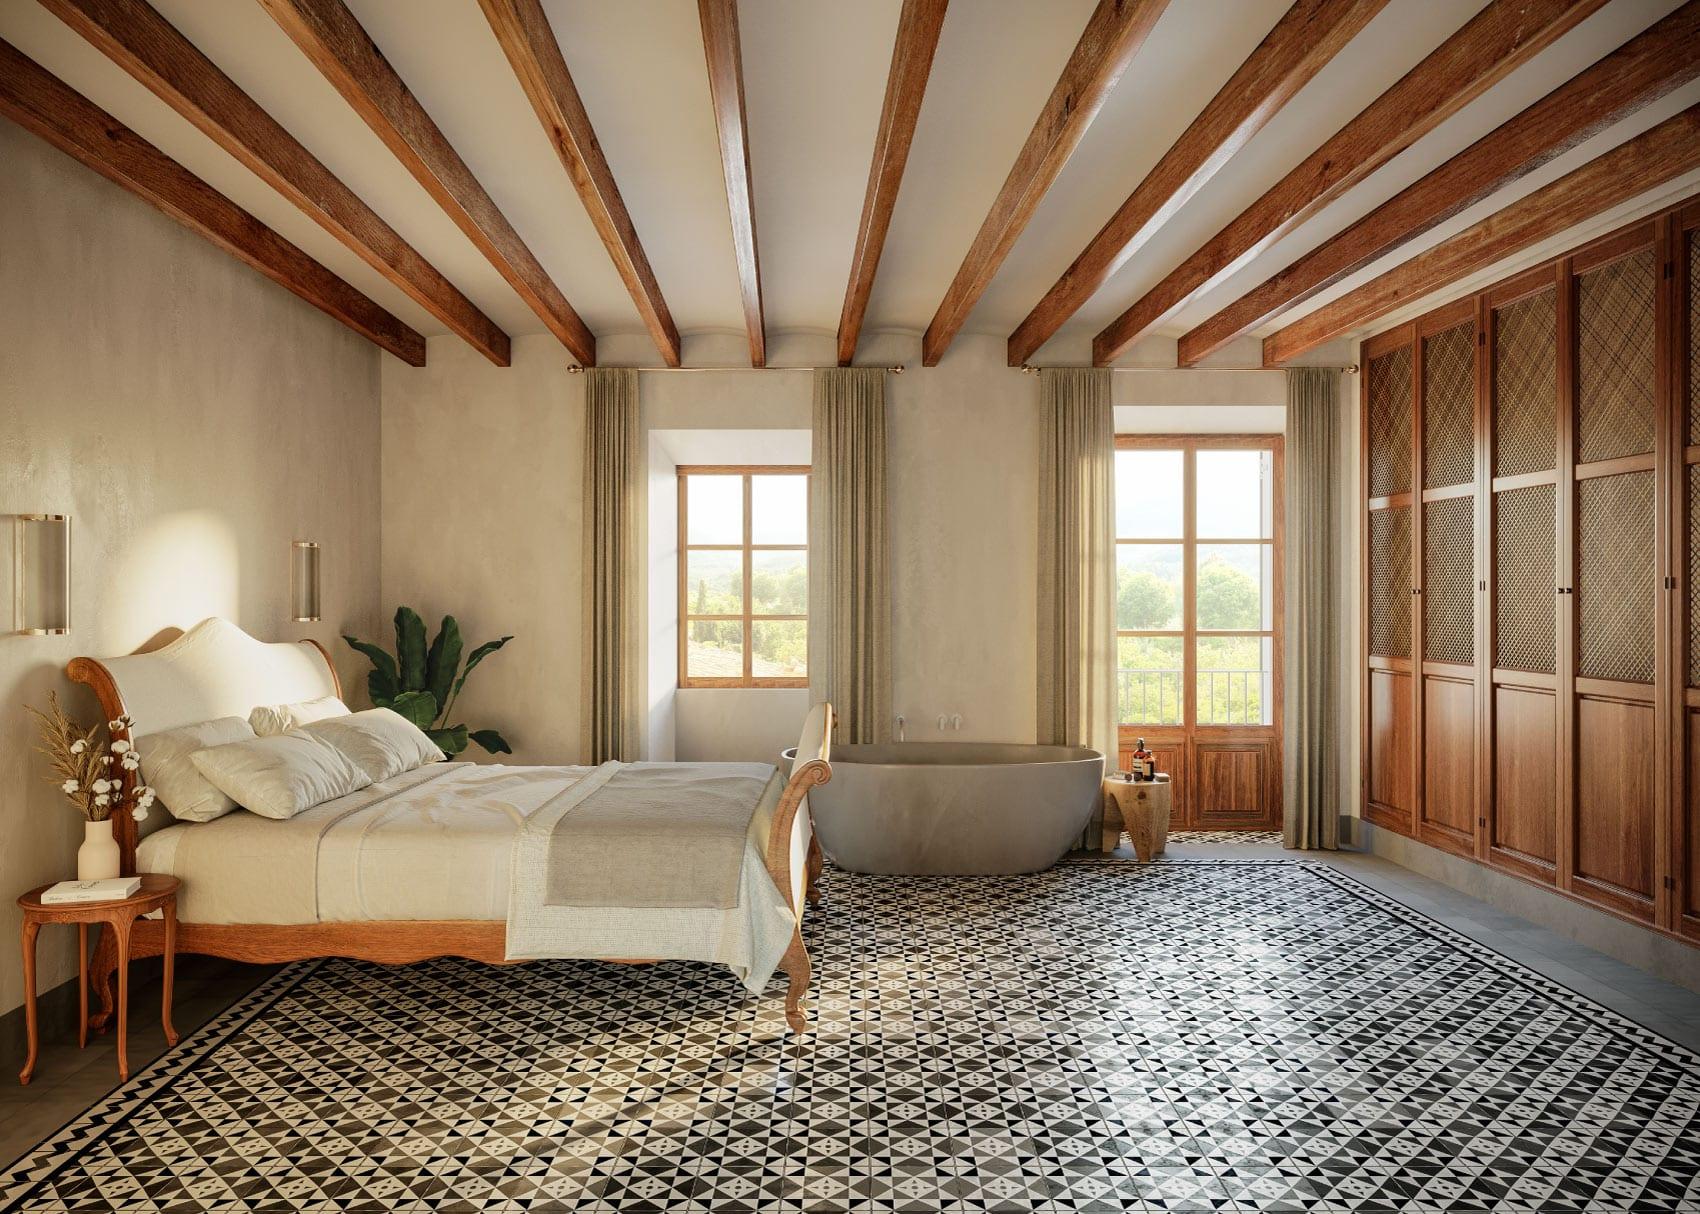 canoneta-townhouse-bedroom-1